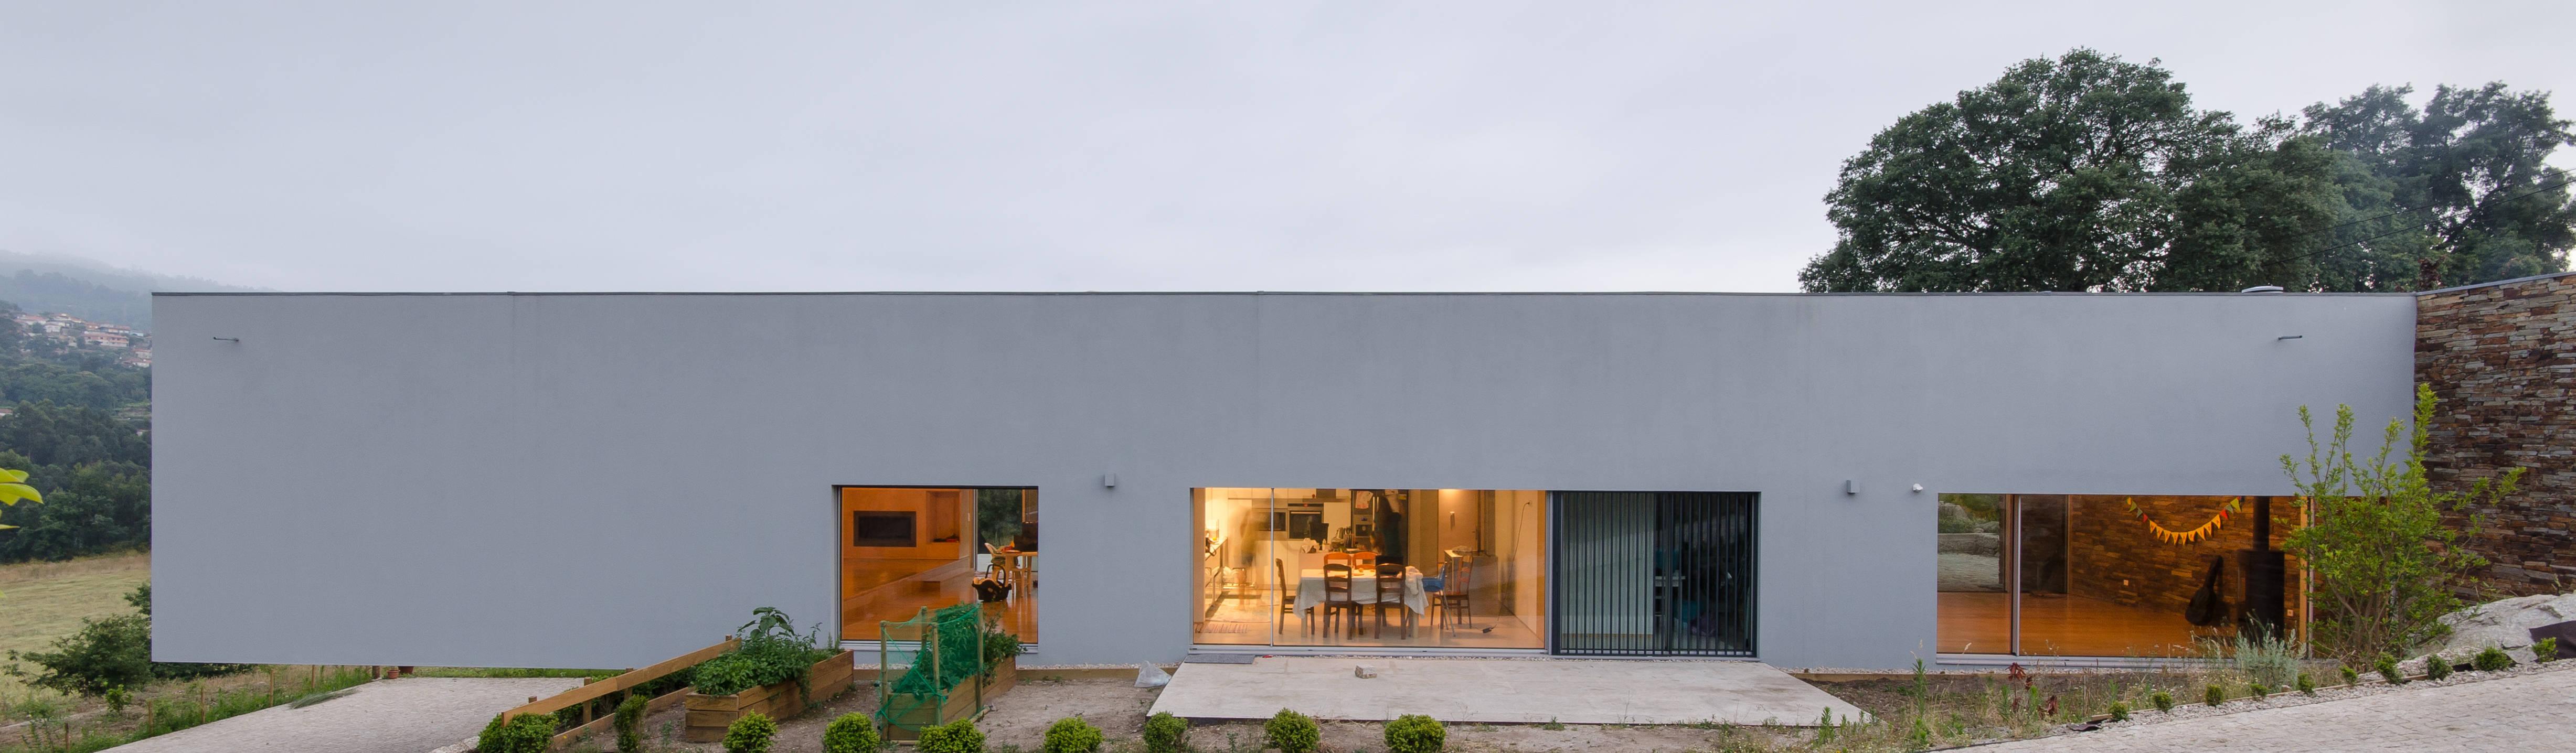 olgafeio.arquitectura